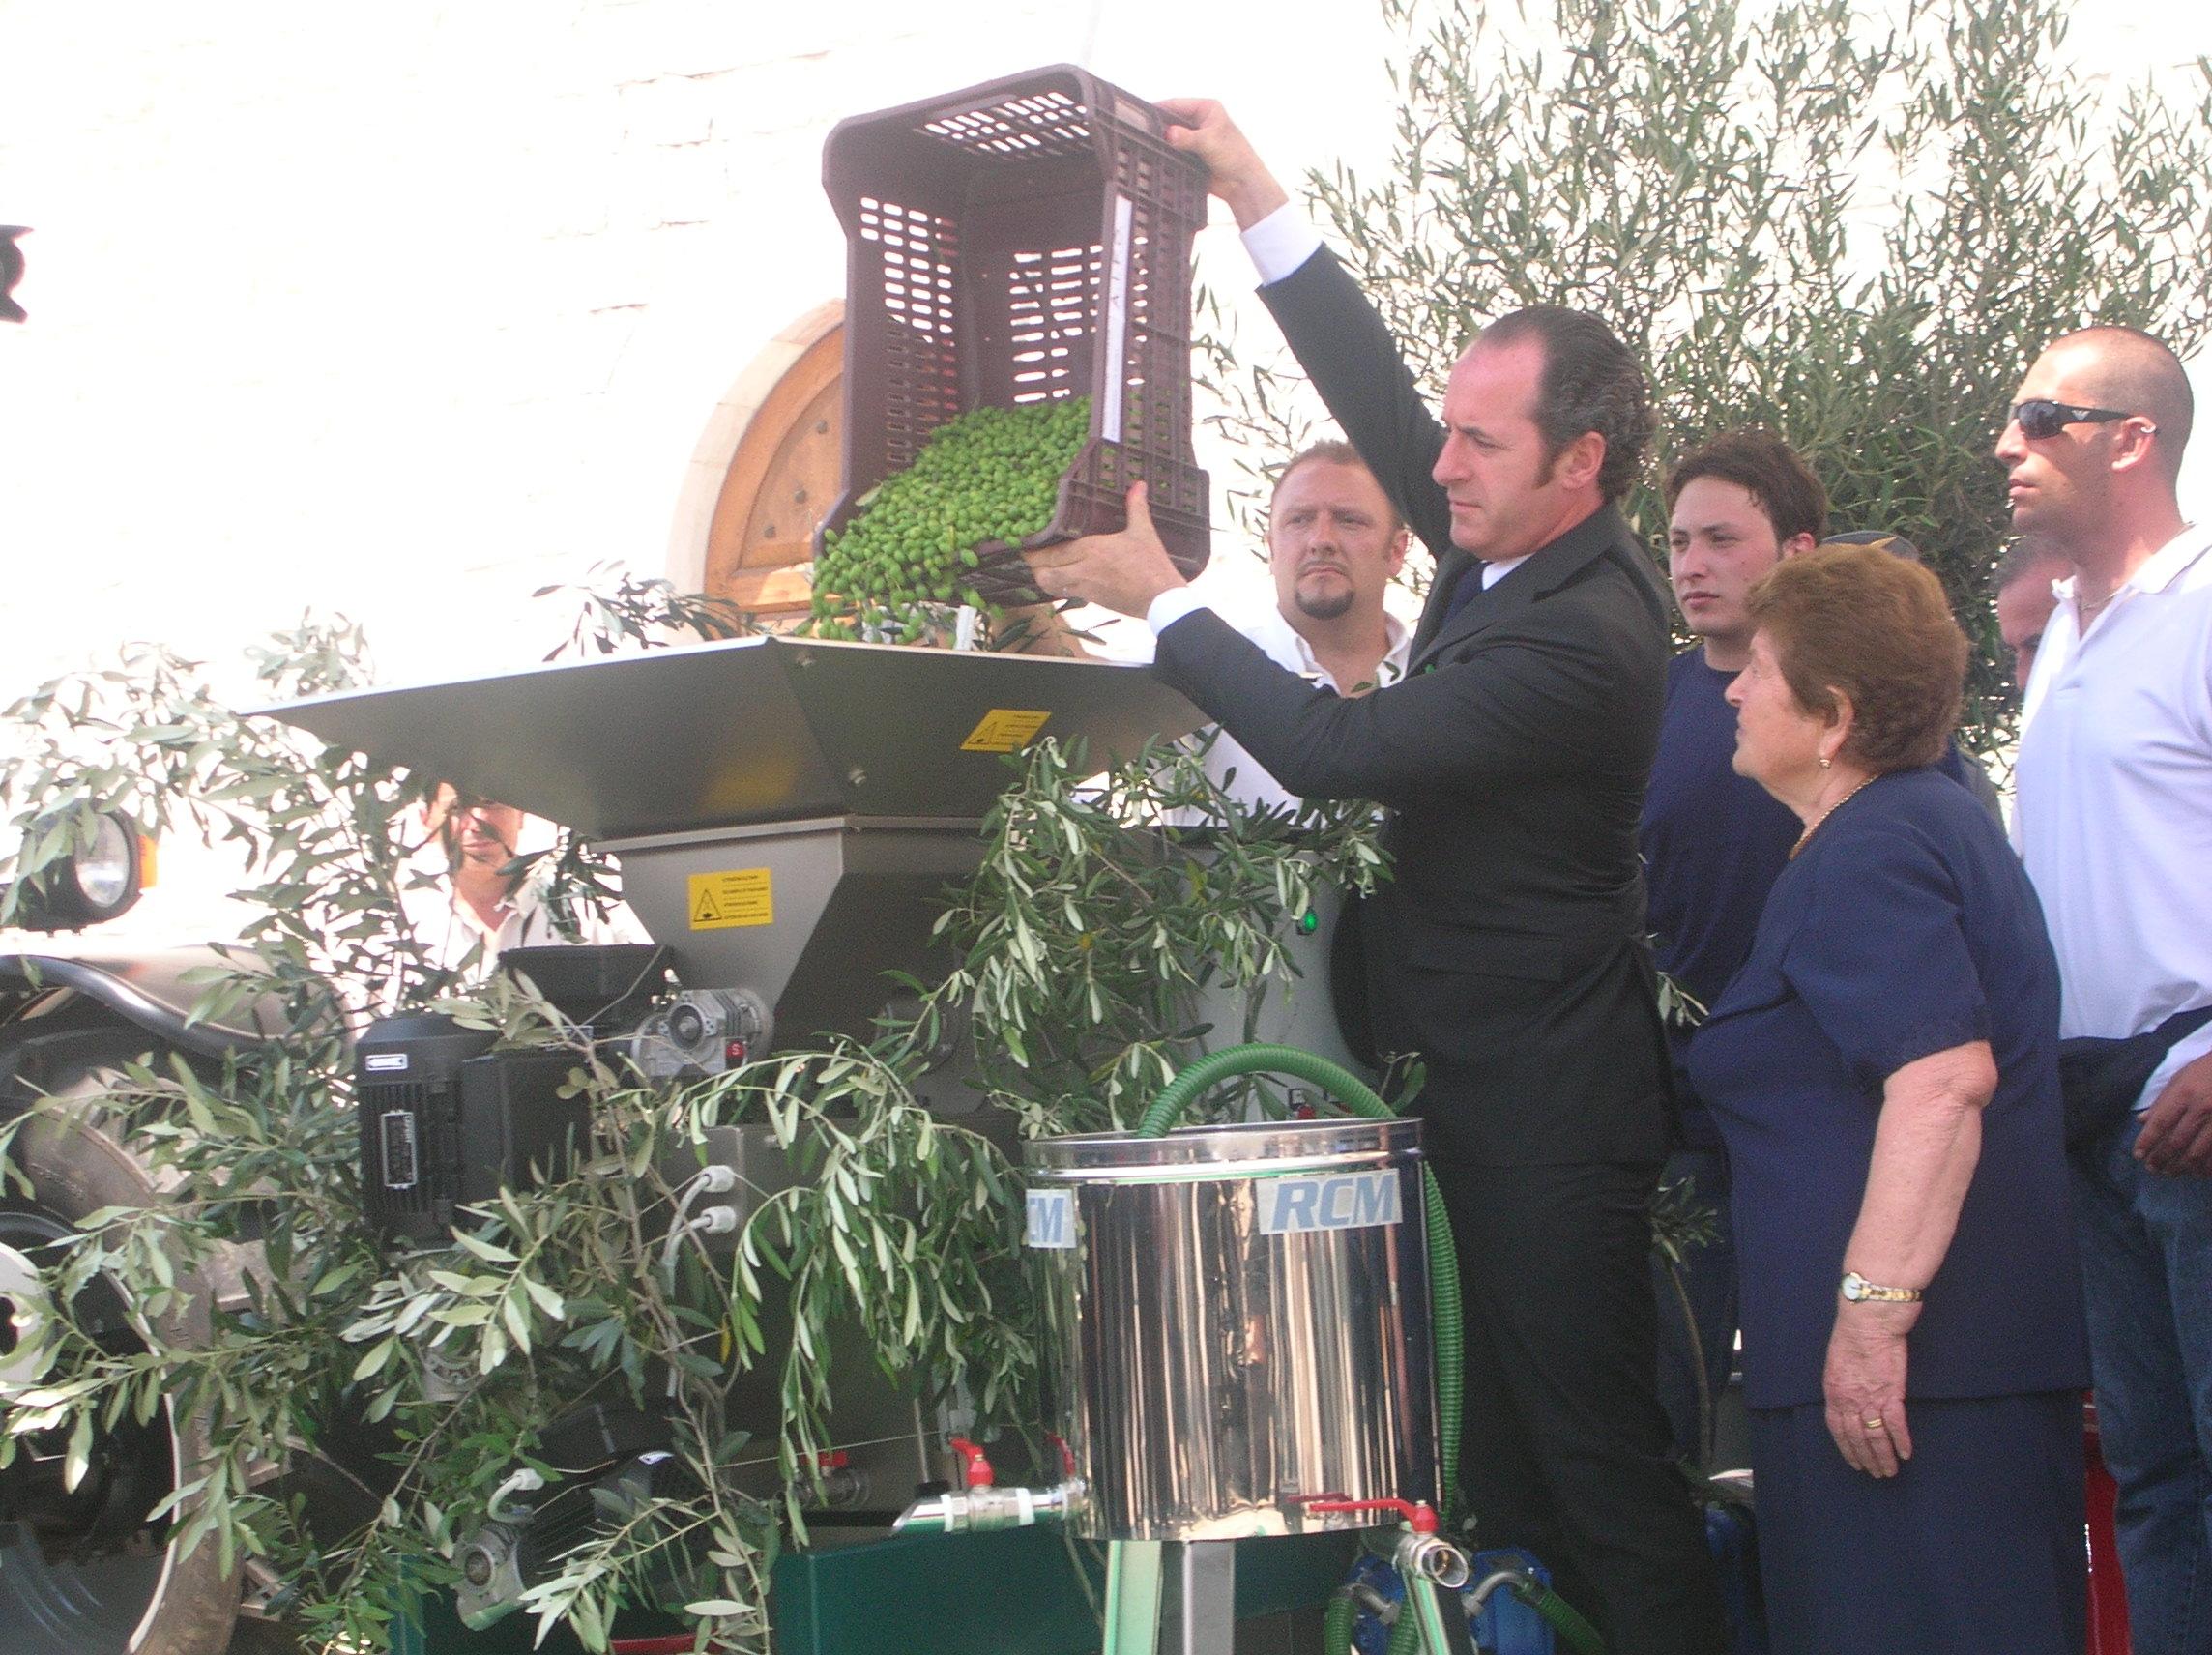 Zaia e le olive cilene. E' la stampa bellezza